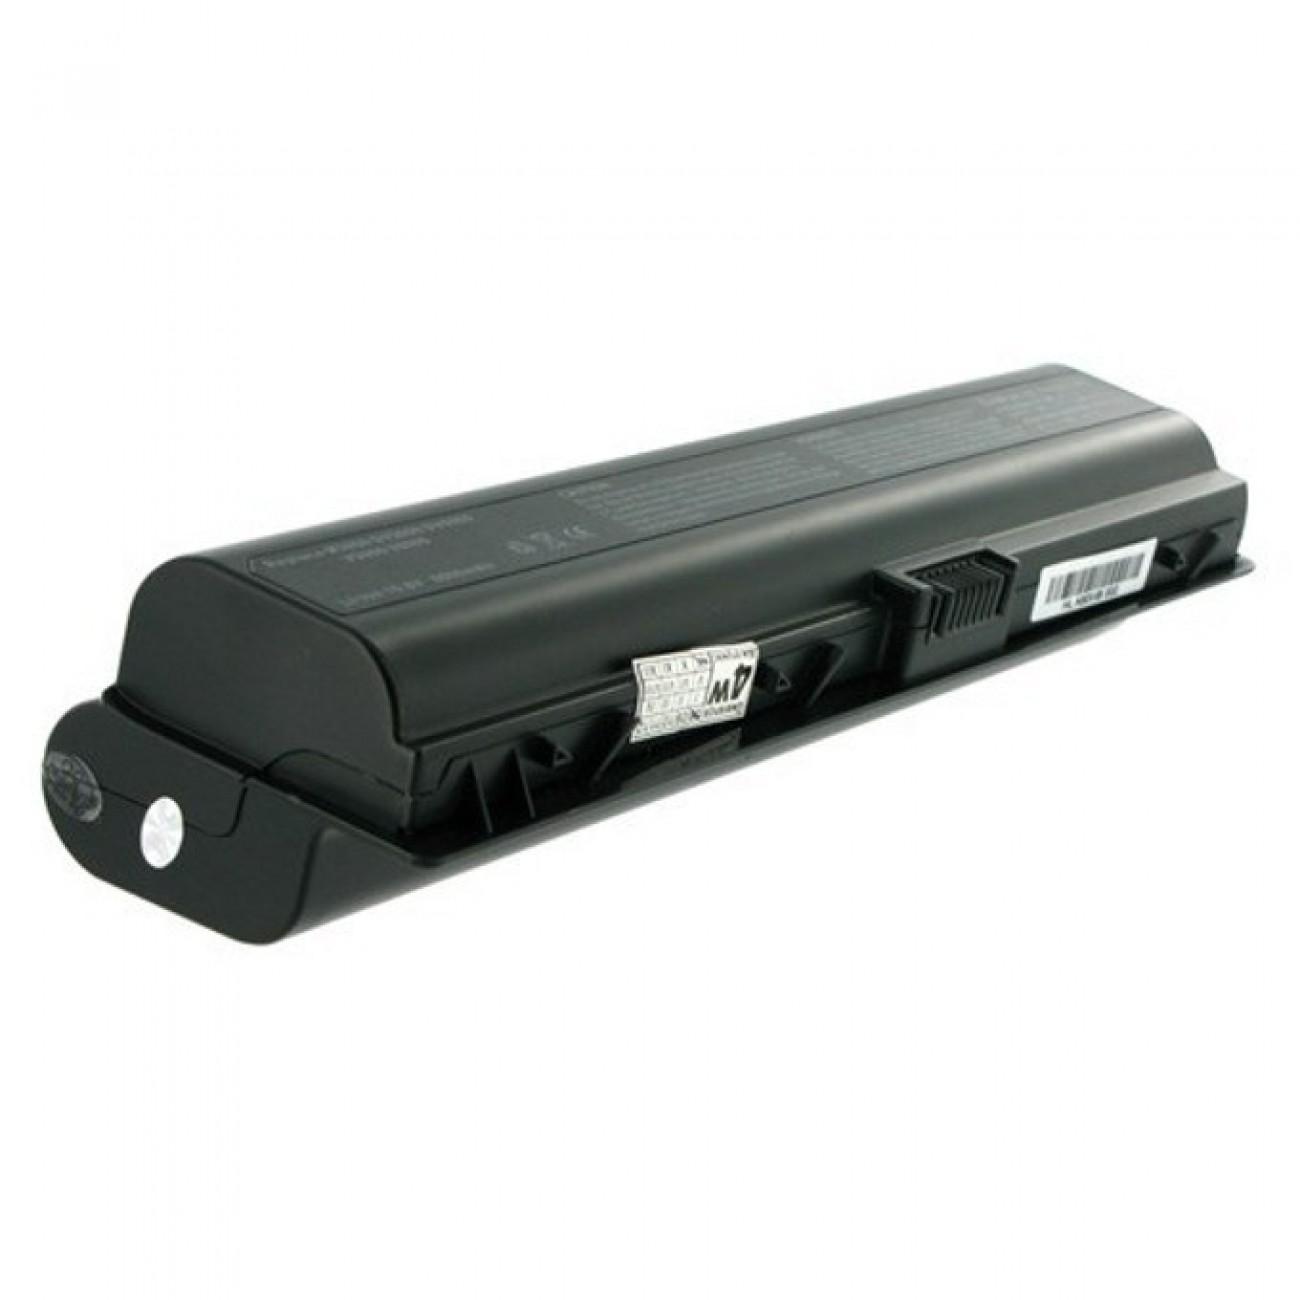 Батерия (заместител) за HP Presario/Pavilion series, 10.8V, 8800 mAh в Батерии за Лаптоп -  | Alleop